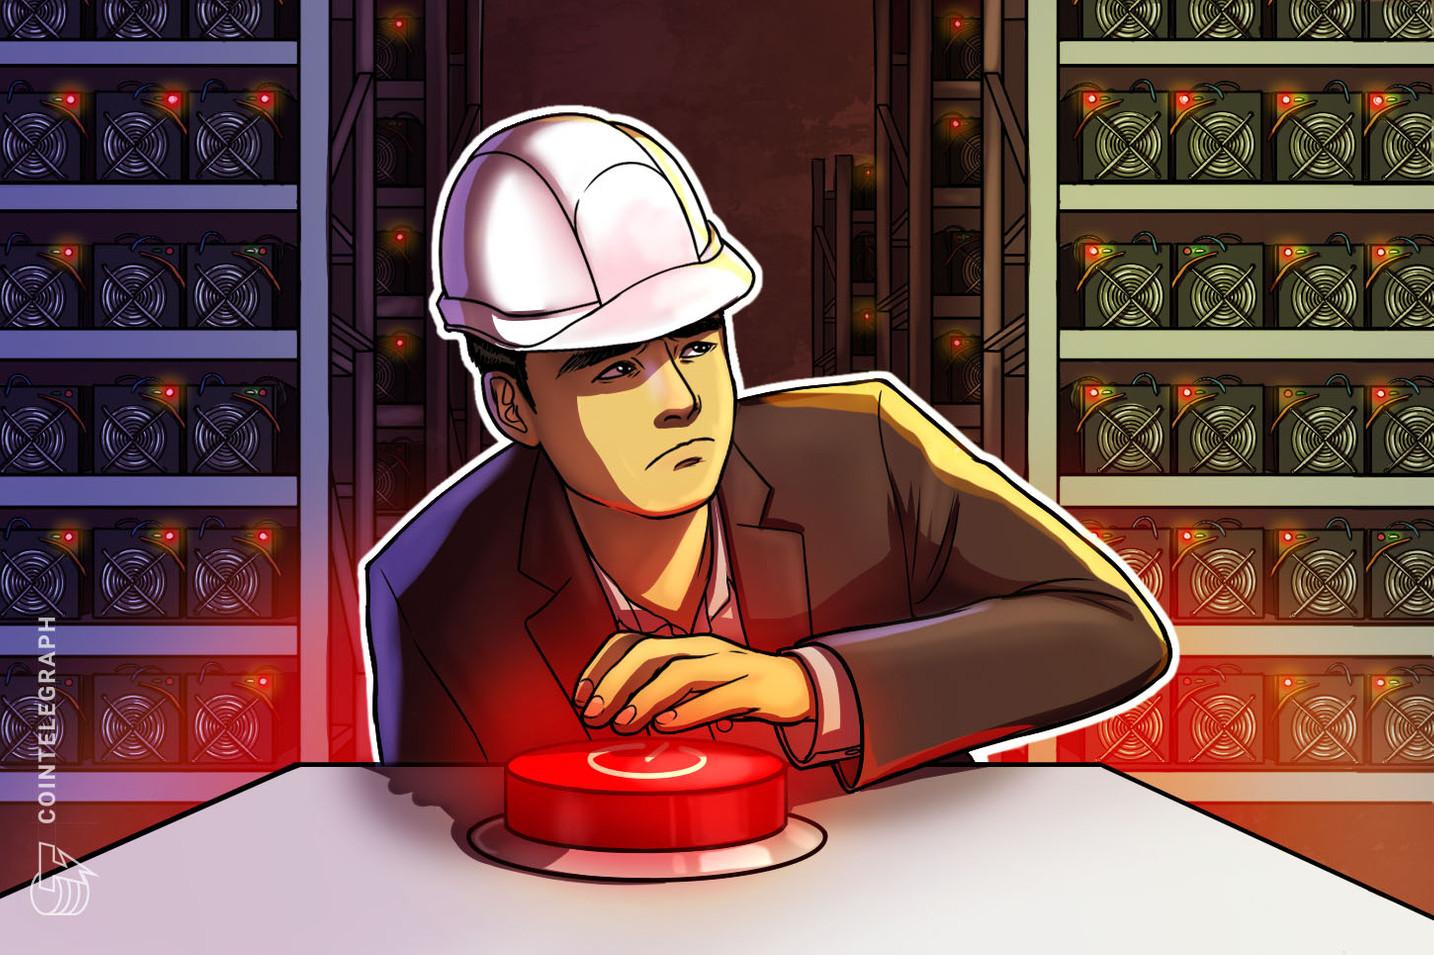 Kinija uždaro kriptografinę kasybą Anhui provincijoje